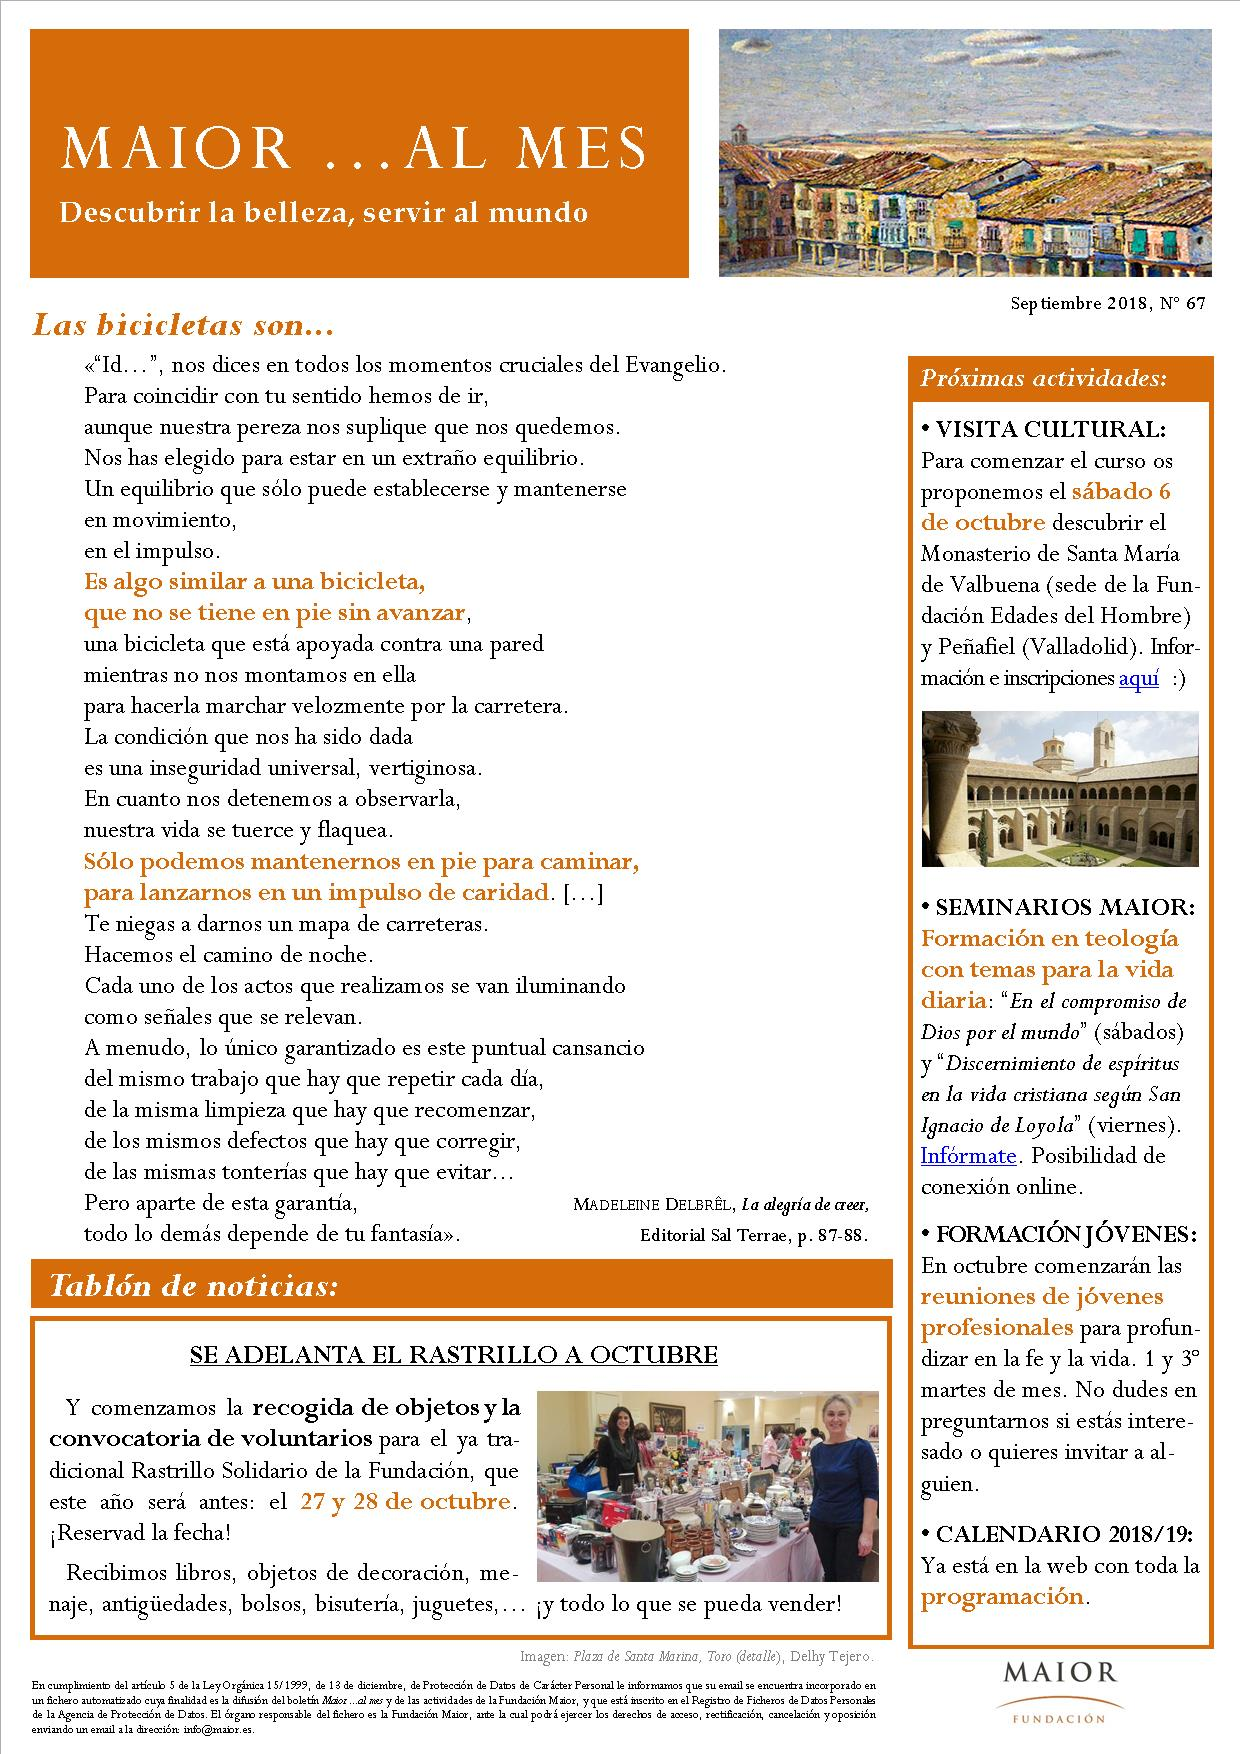 Boletín mensual de noticias y actividades de la Fundación Maior. Edición de septiembre 2018